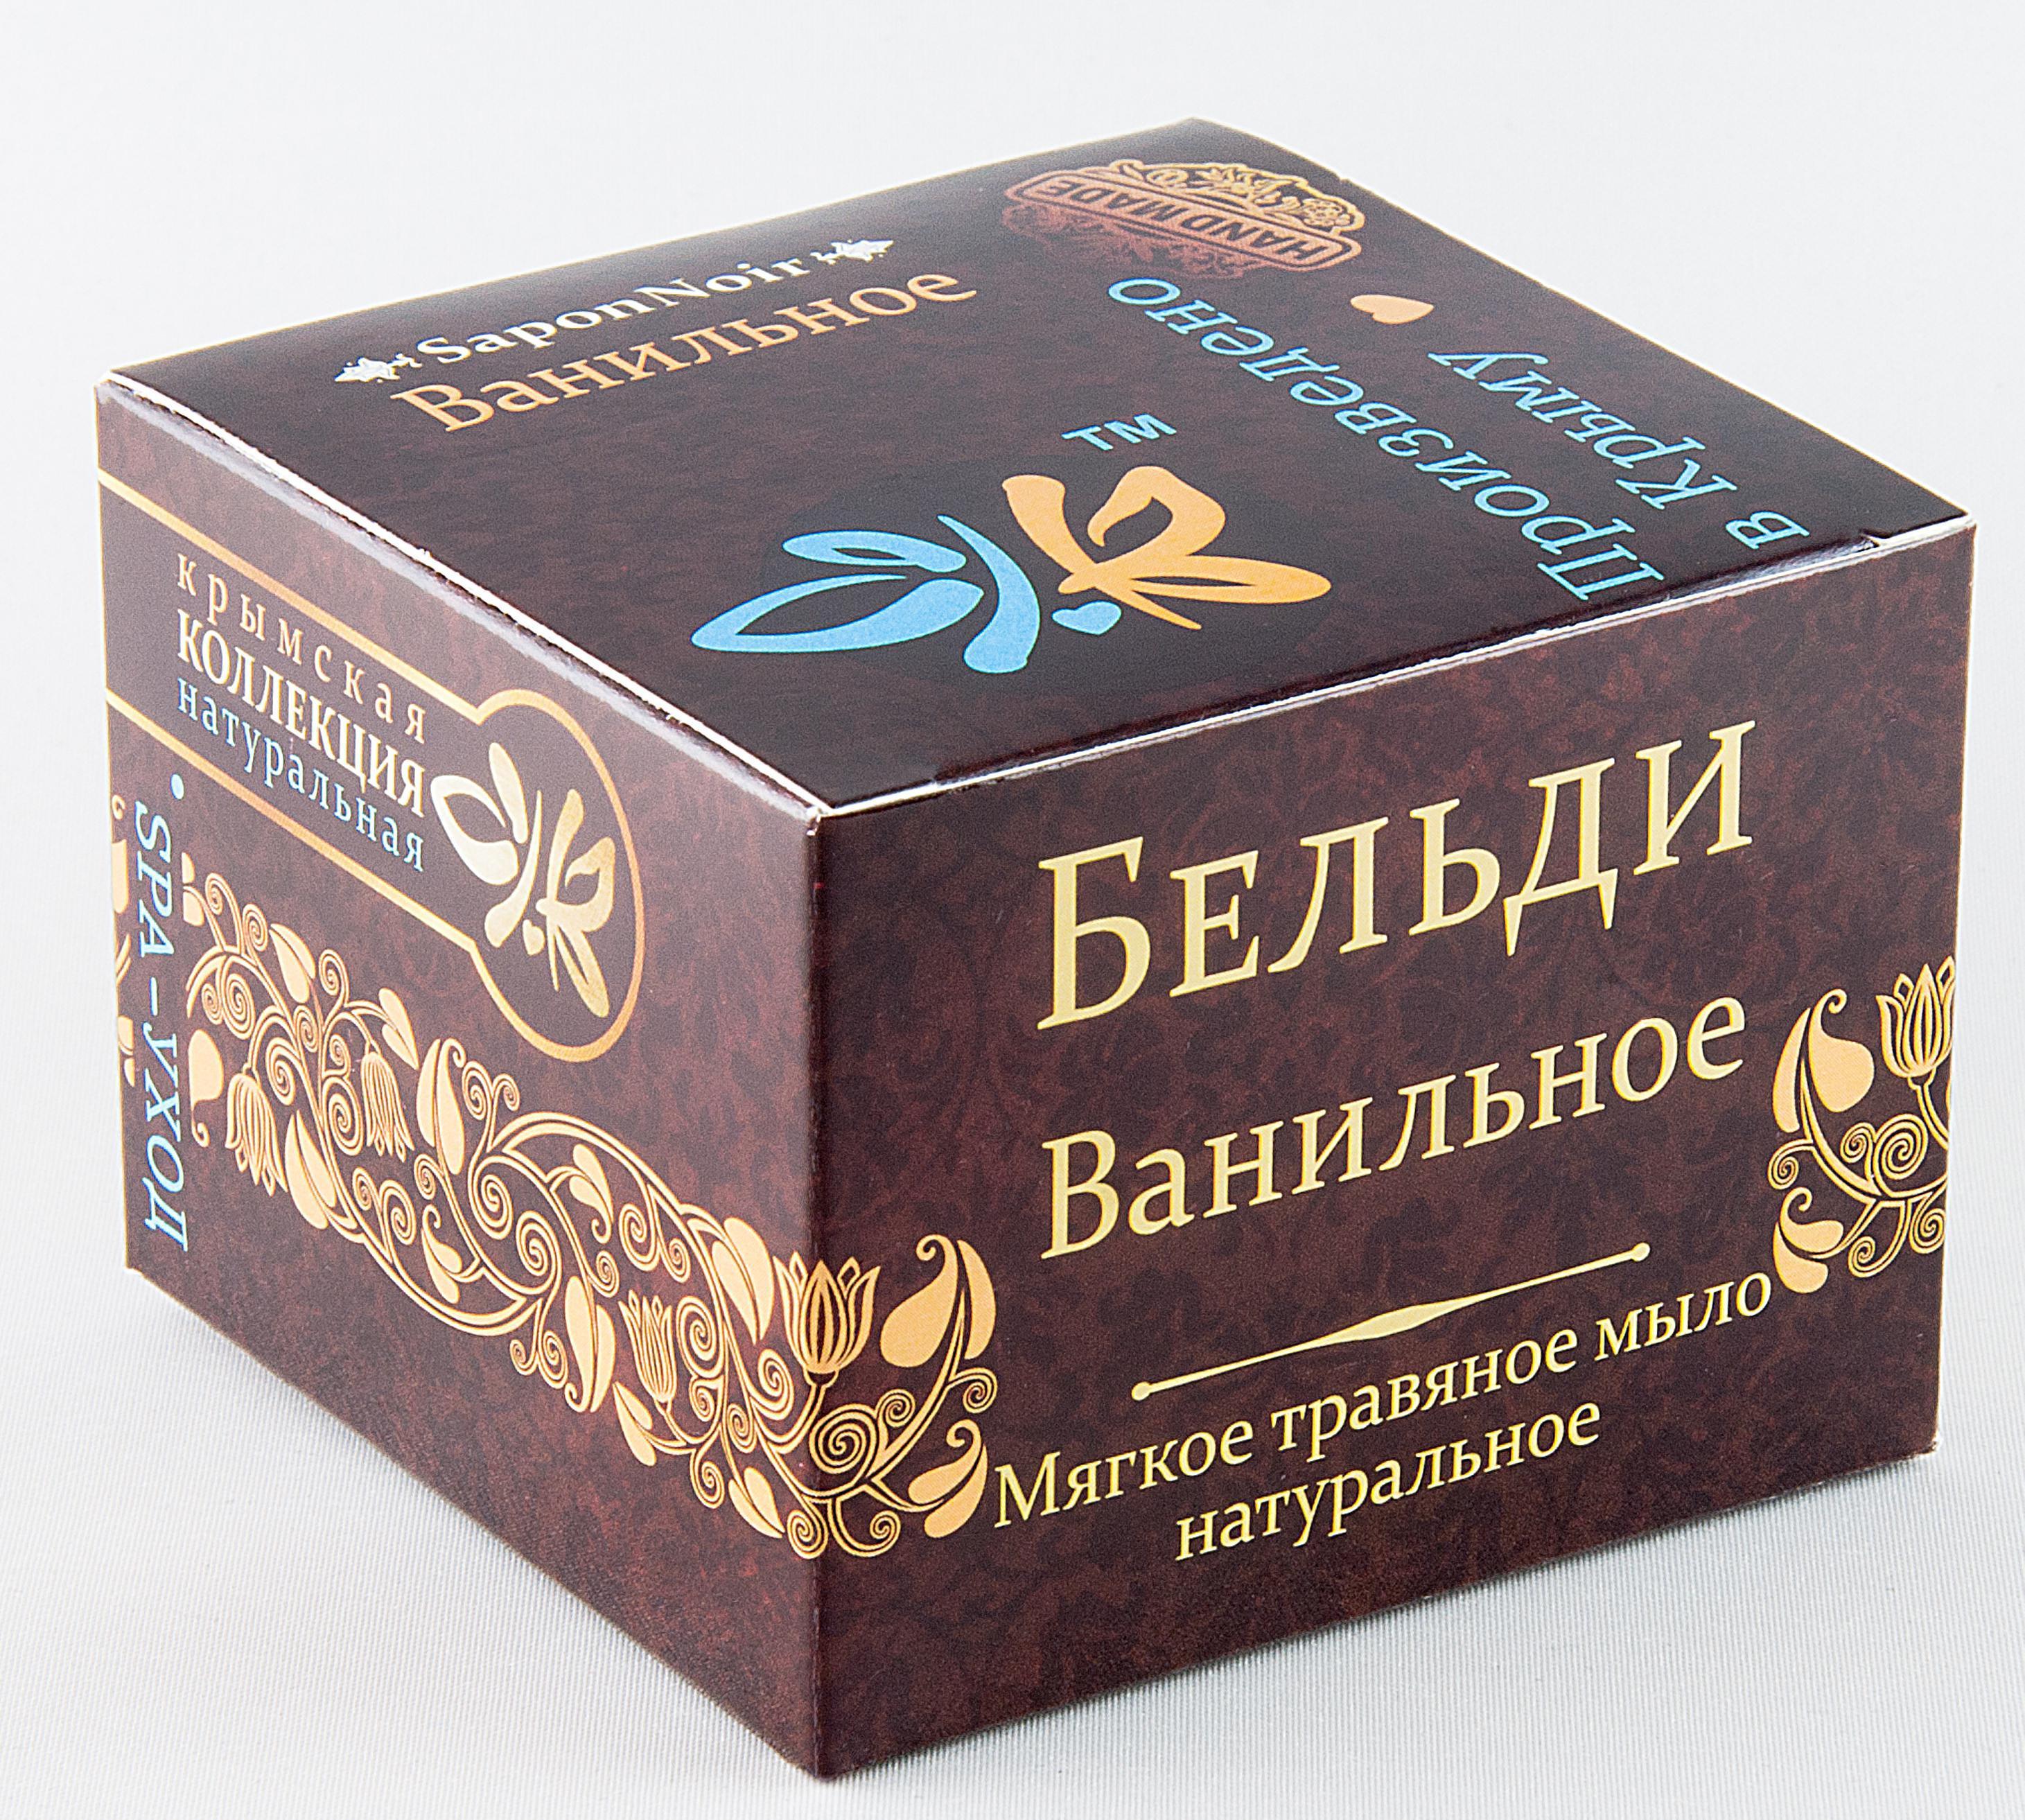 Мягкое травяное мыло Ванильное 120 гр.